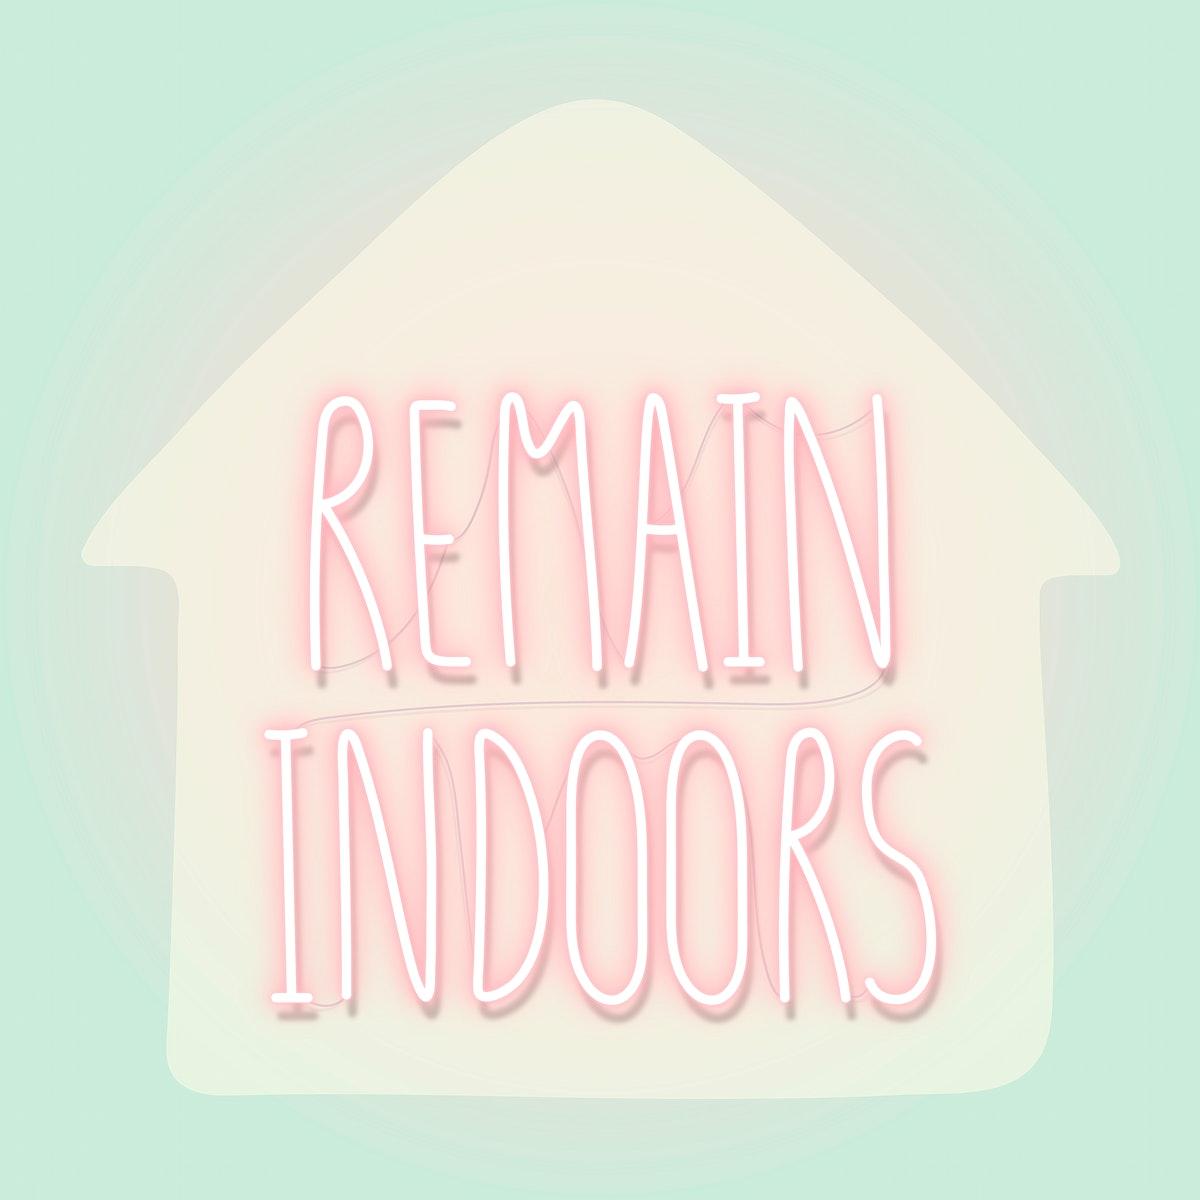 Remain indoors during coronavirus pandemic neon sign